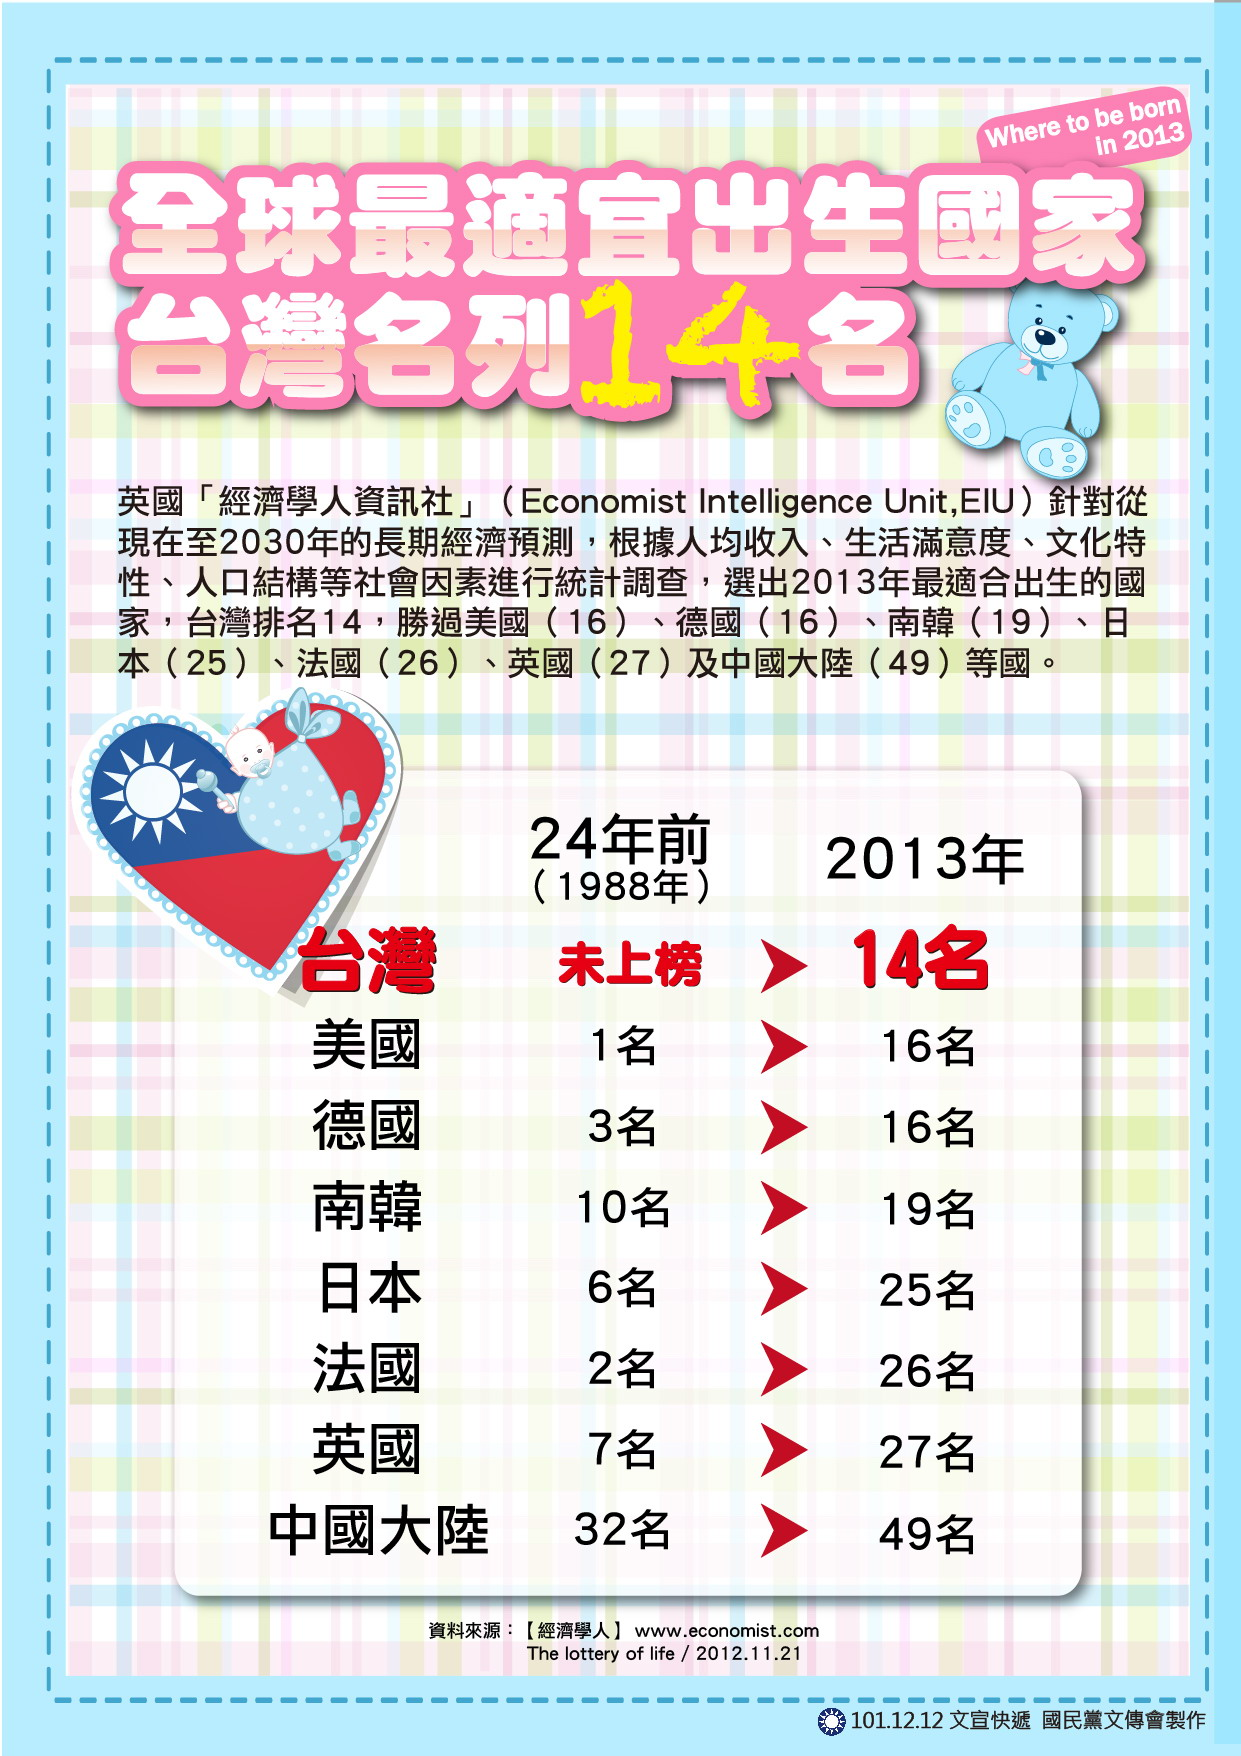 全球最適宜出生國家 台灣名列14名